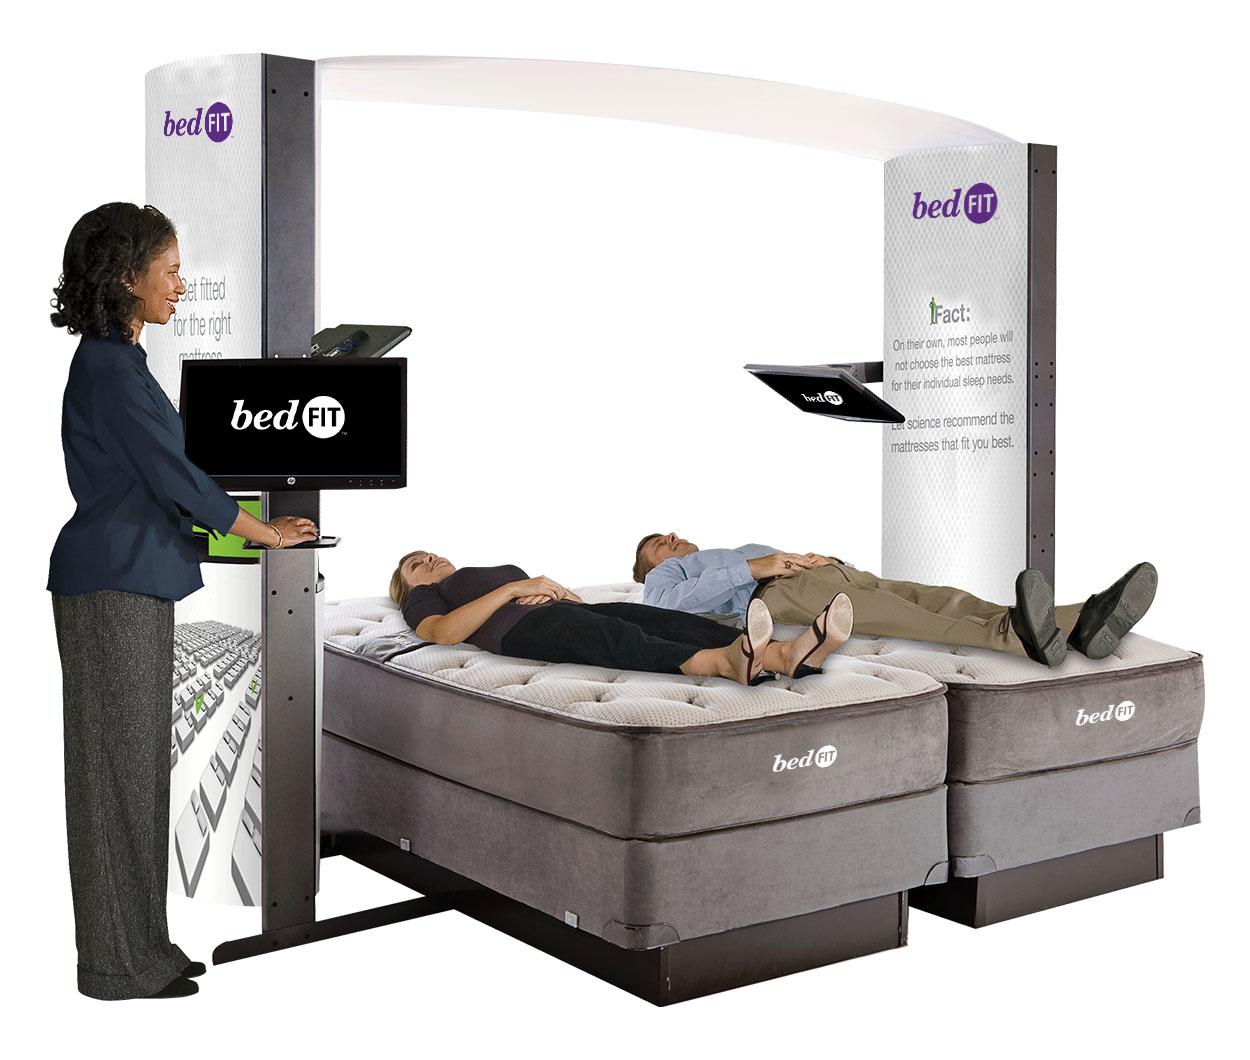 bedFIT device